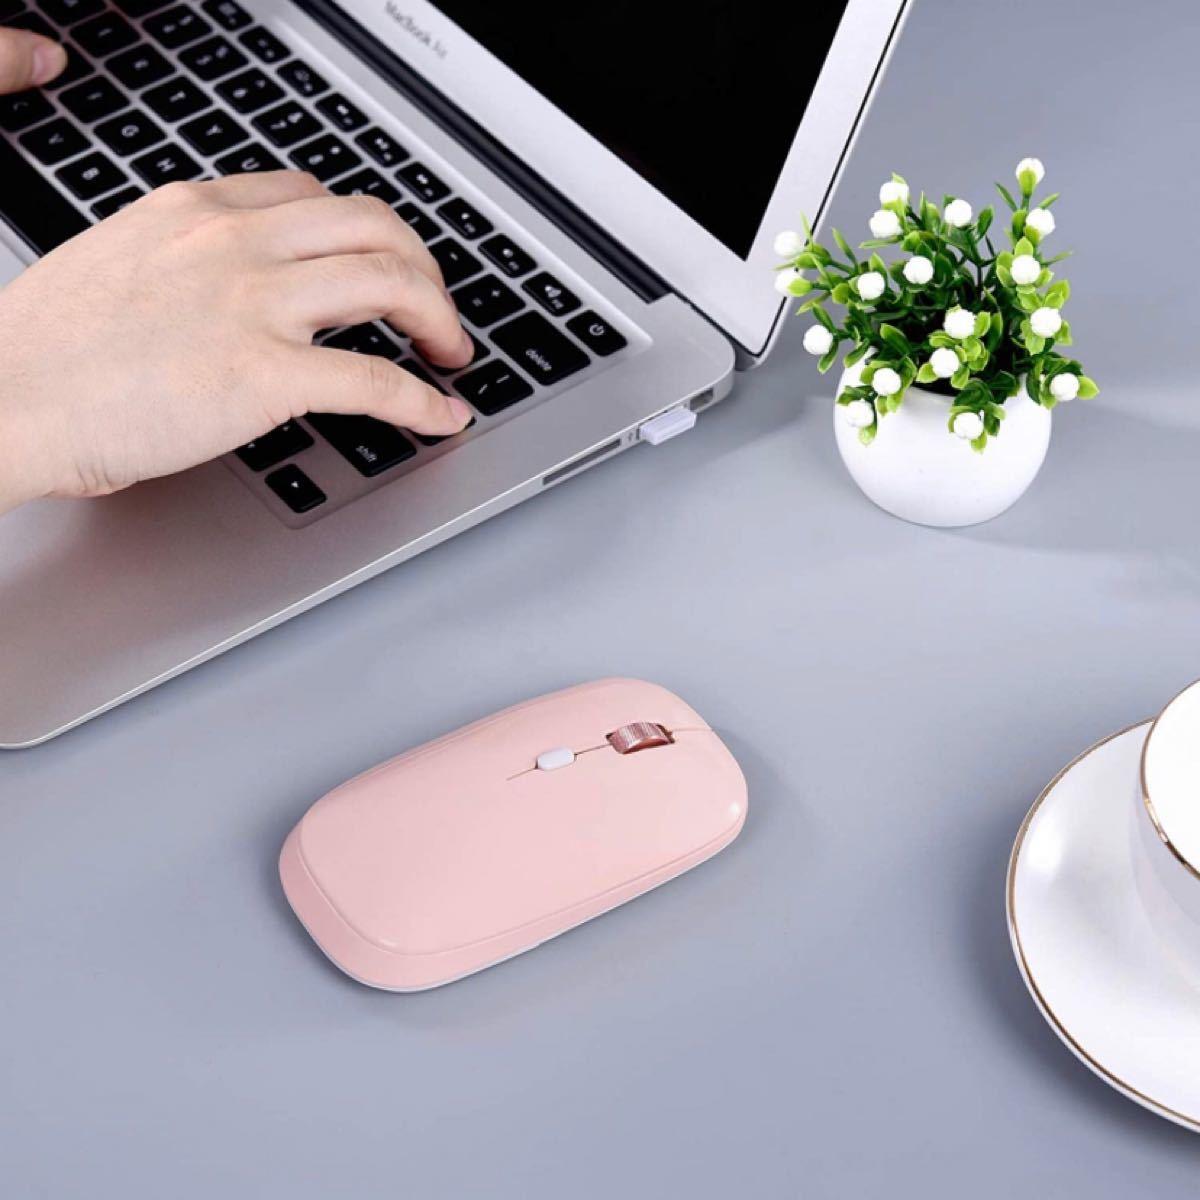 ワイヤレスマウス超薄型マウス 無線マウス 低噪音 携帯便利ノートパソコン PC、MacBook適用Cimetech外付け光学マウス